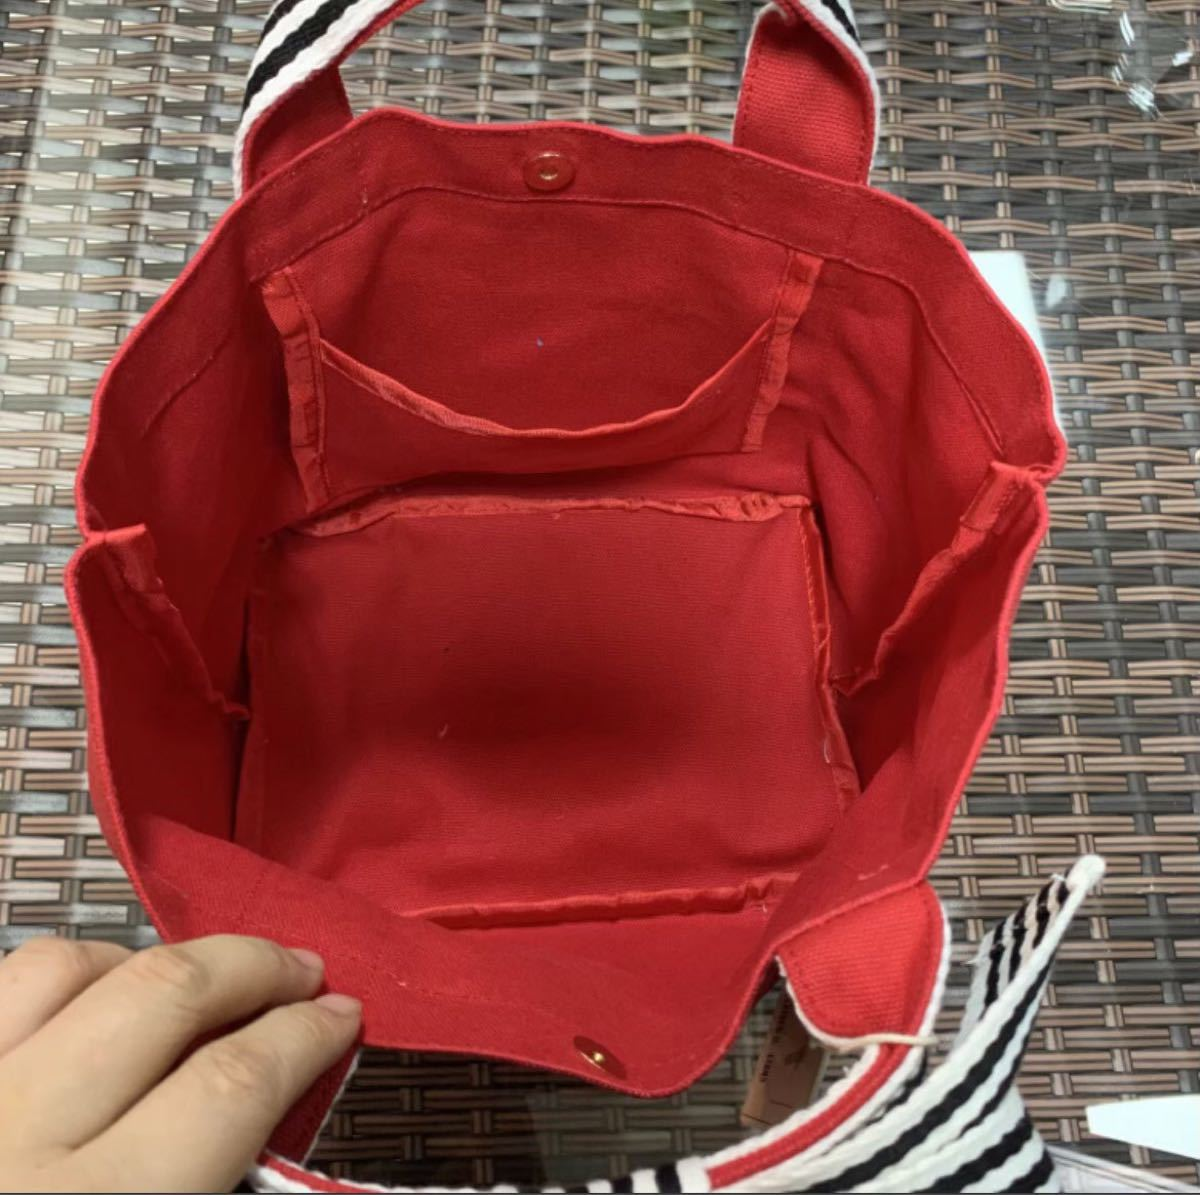 トートバッグ ミニバッグ ランチバッグ キャンバス ミニトート お出かけ ミニバッグ オールシーズン ファッションバッグ